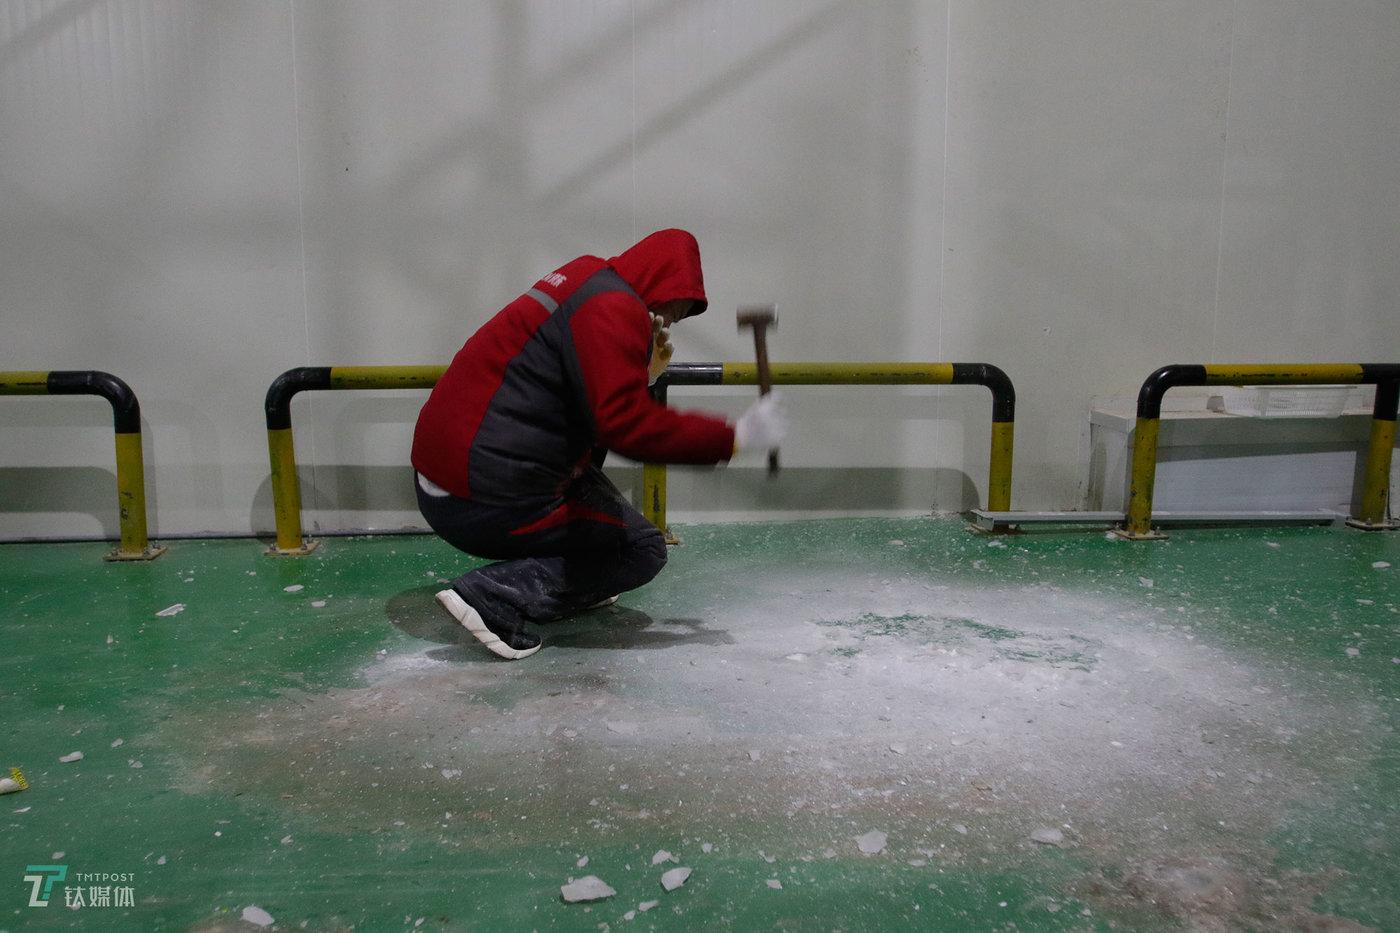 冷库通风系统滴下的水,在-18℃的低温中迅速凝结成冰,为了防止拣货员摔倒,一名冷库工人用锤子凿冰清理地面。